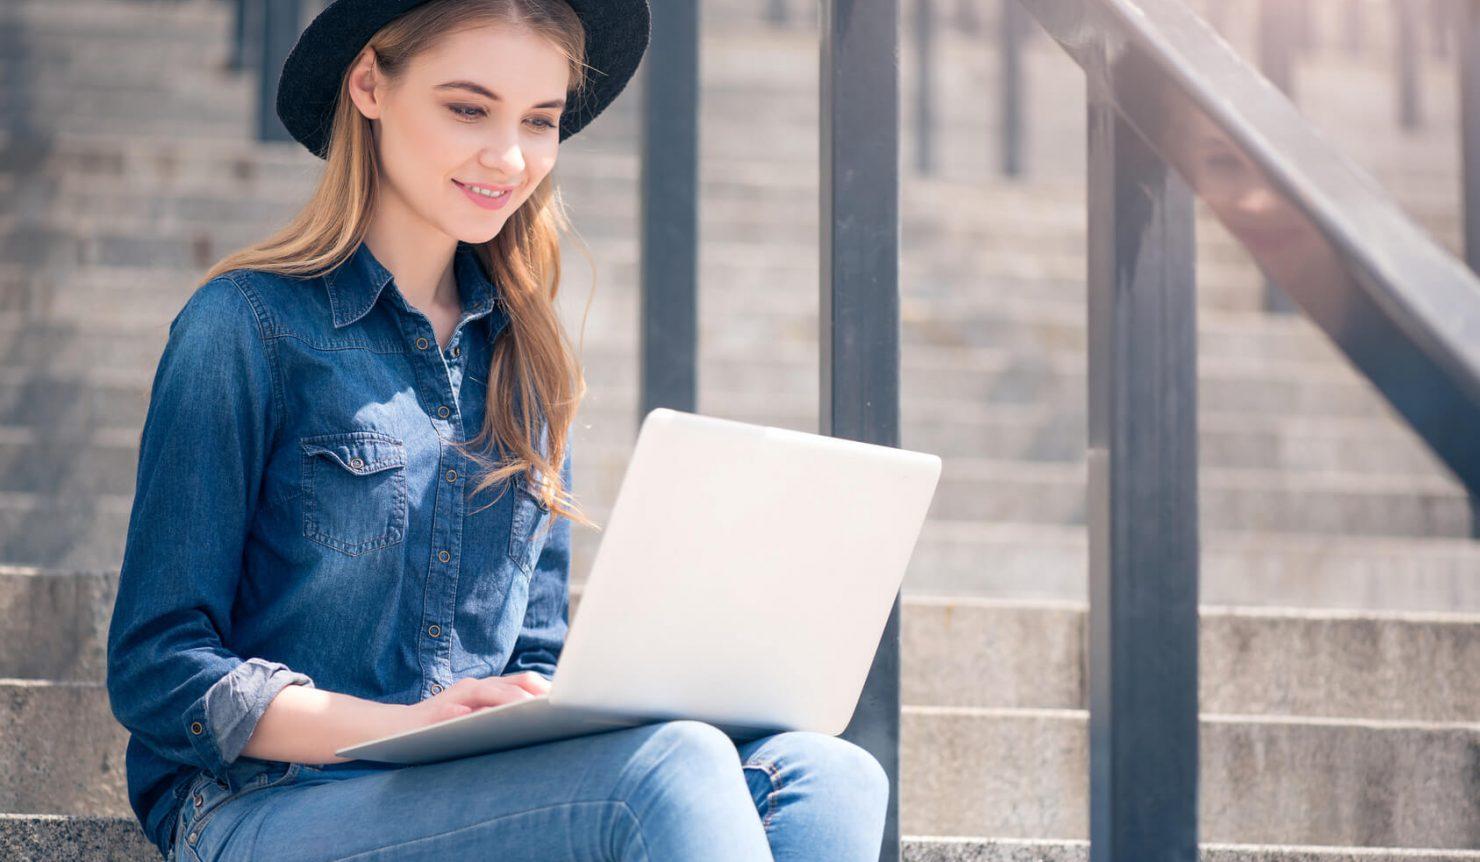 baac071ac7 Infinity Fashion - Sklep internetowy z odzieżą damską - Vossp.com